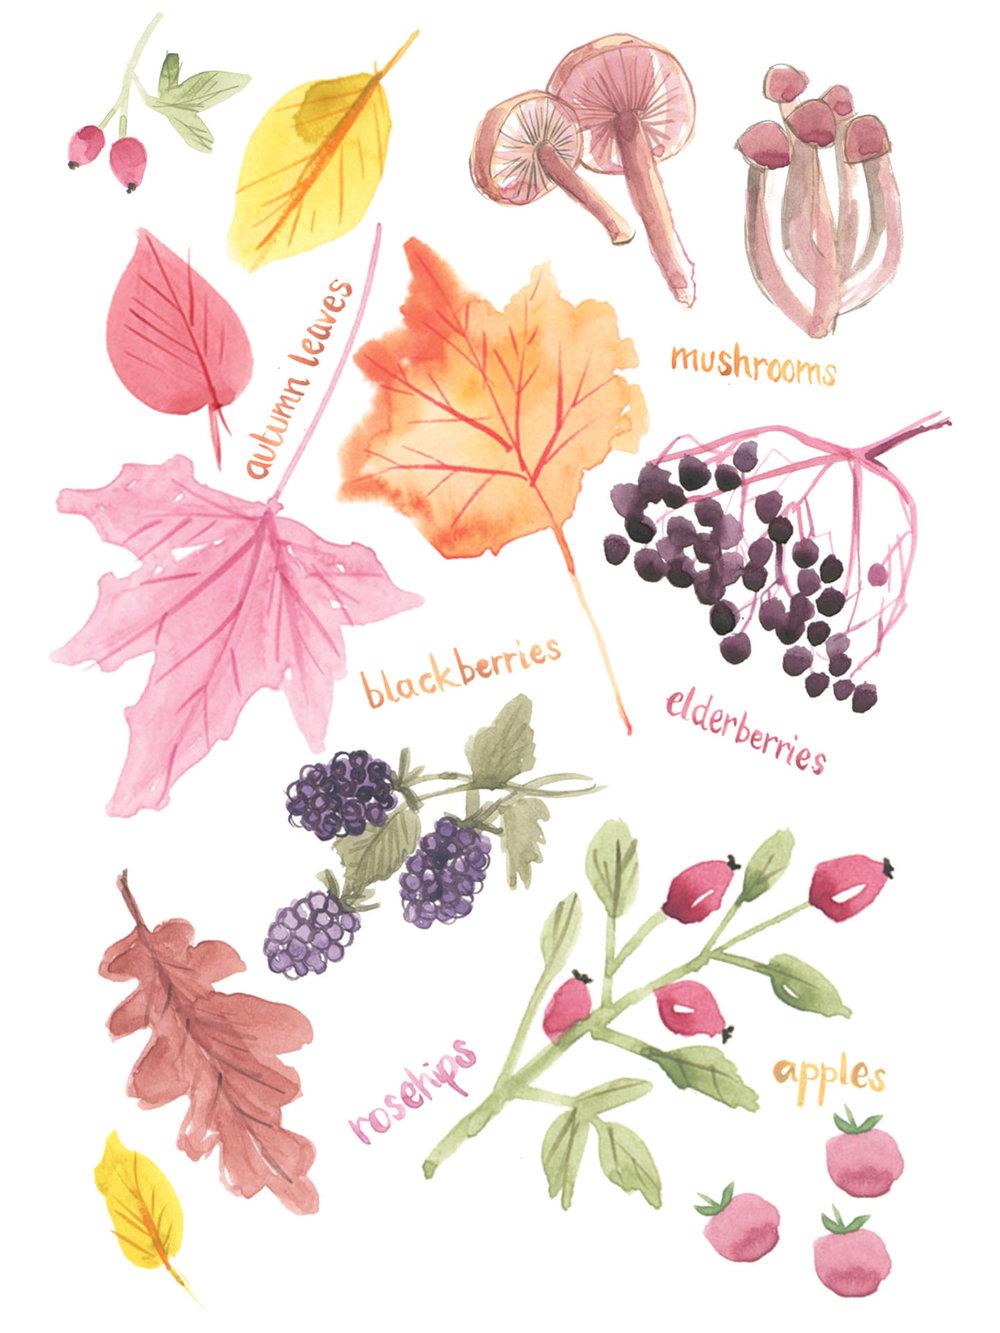 p--website-food-berries.jpg